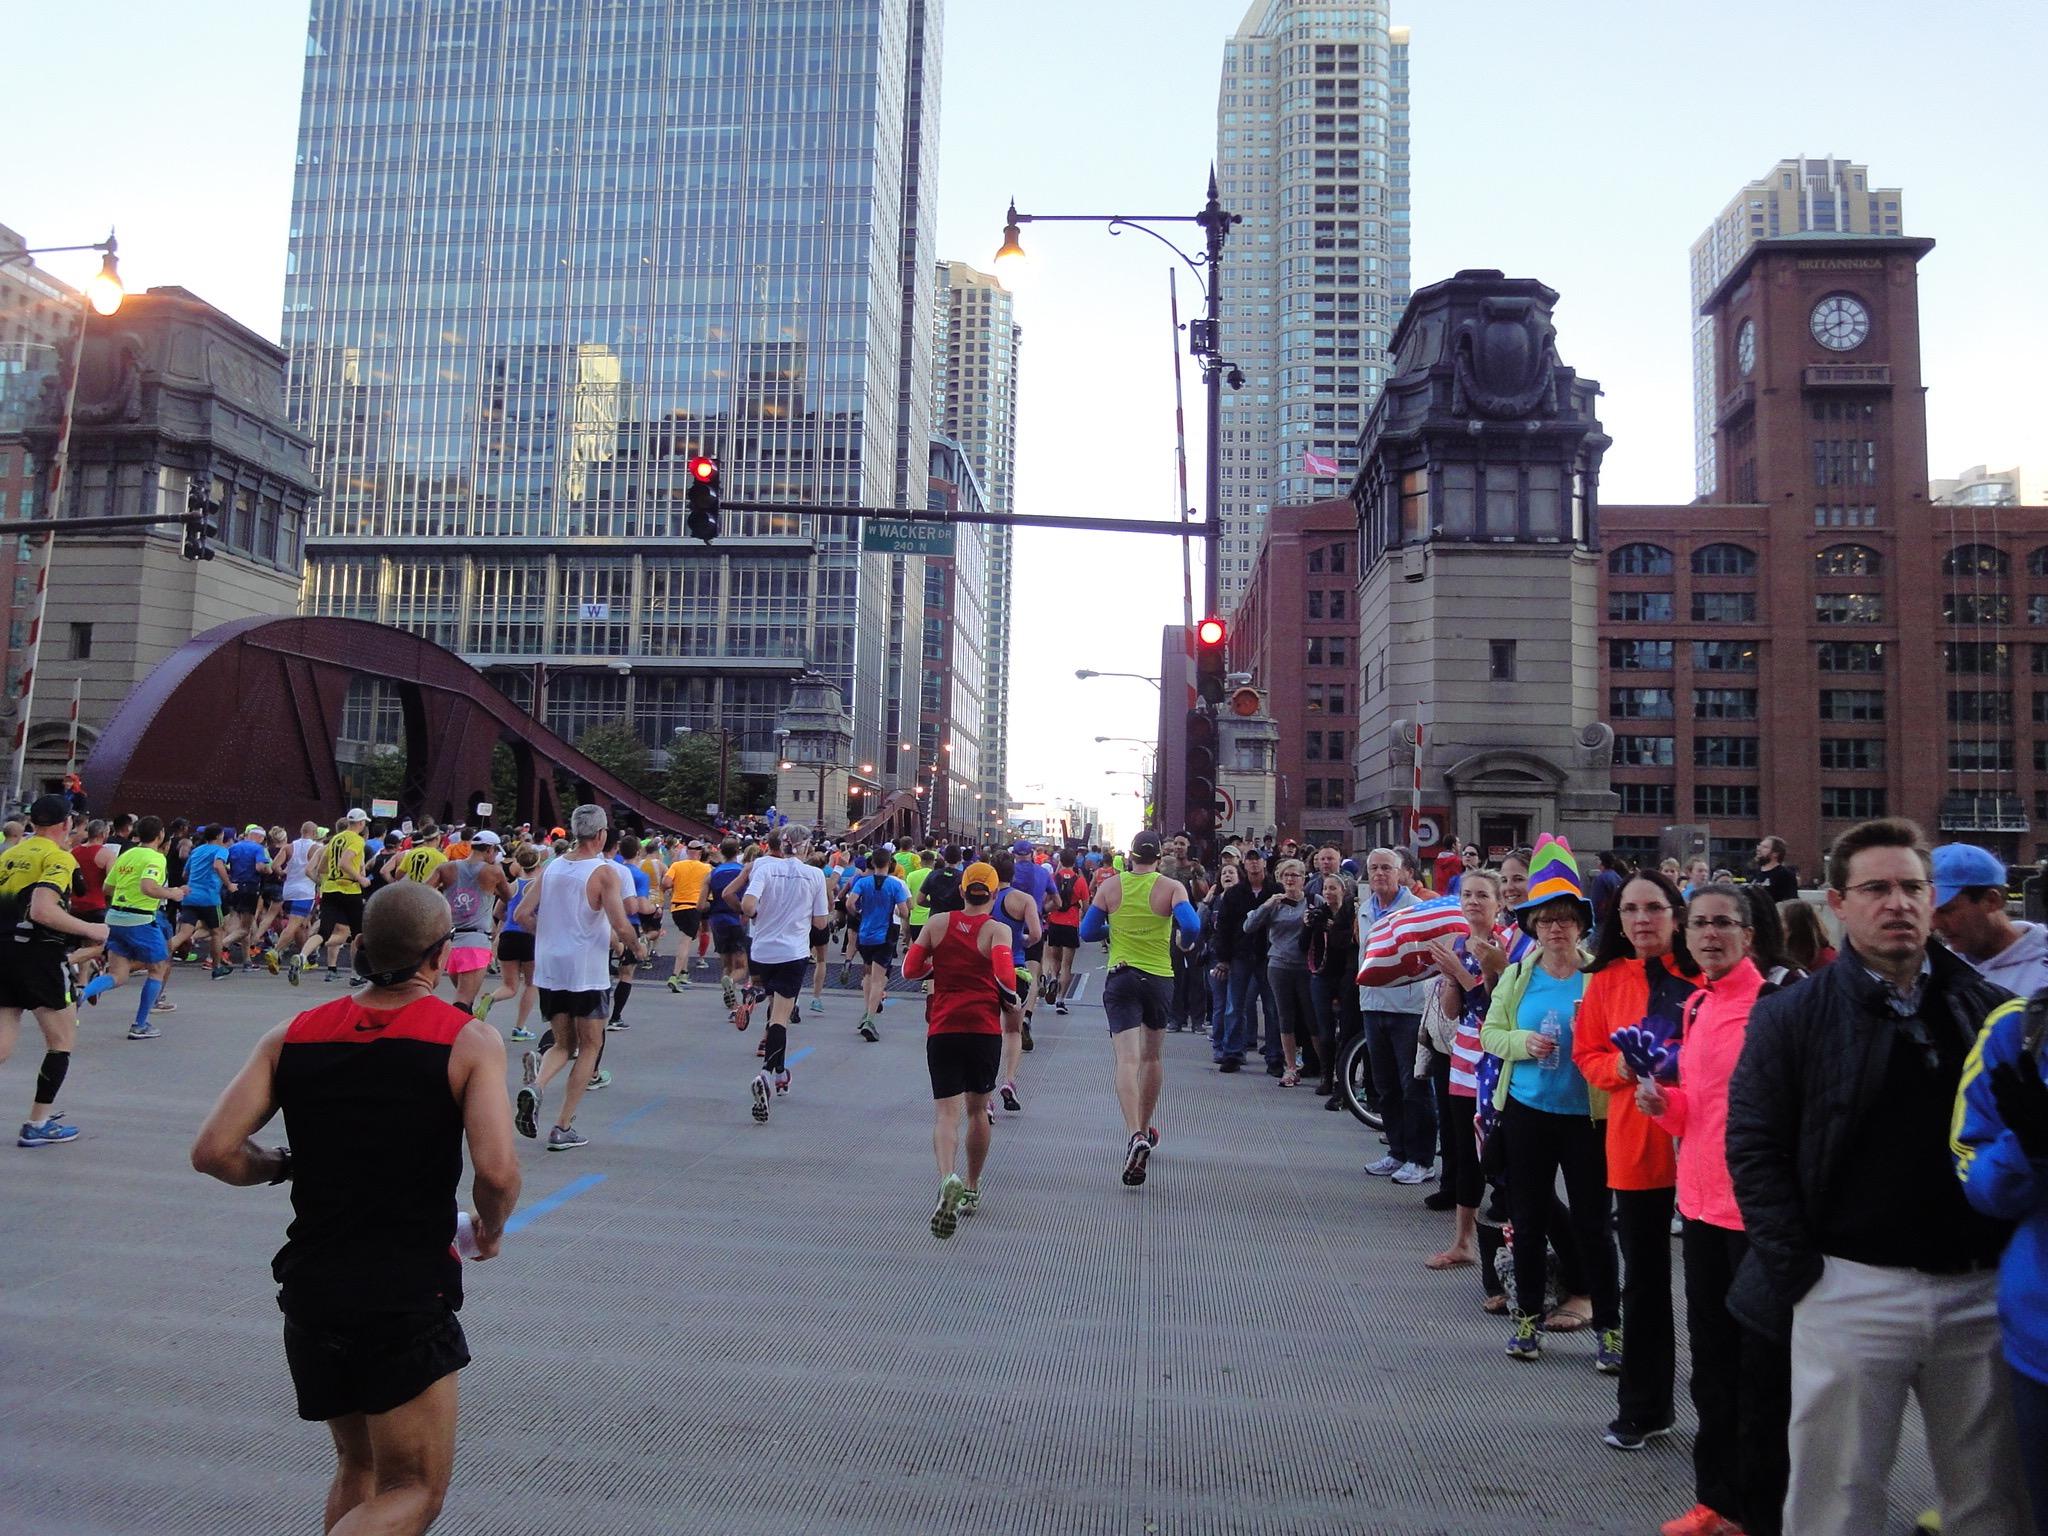 Halbmarathonmarke Chicago Marathon